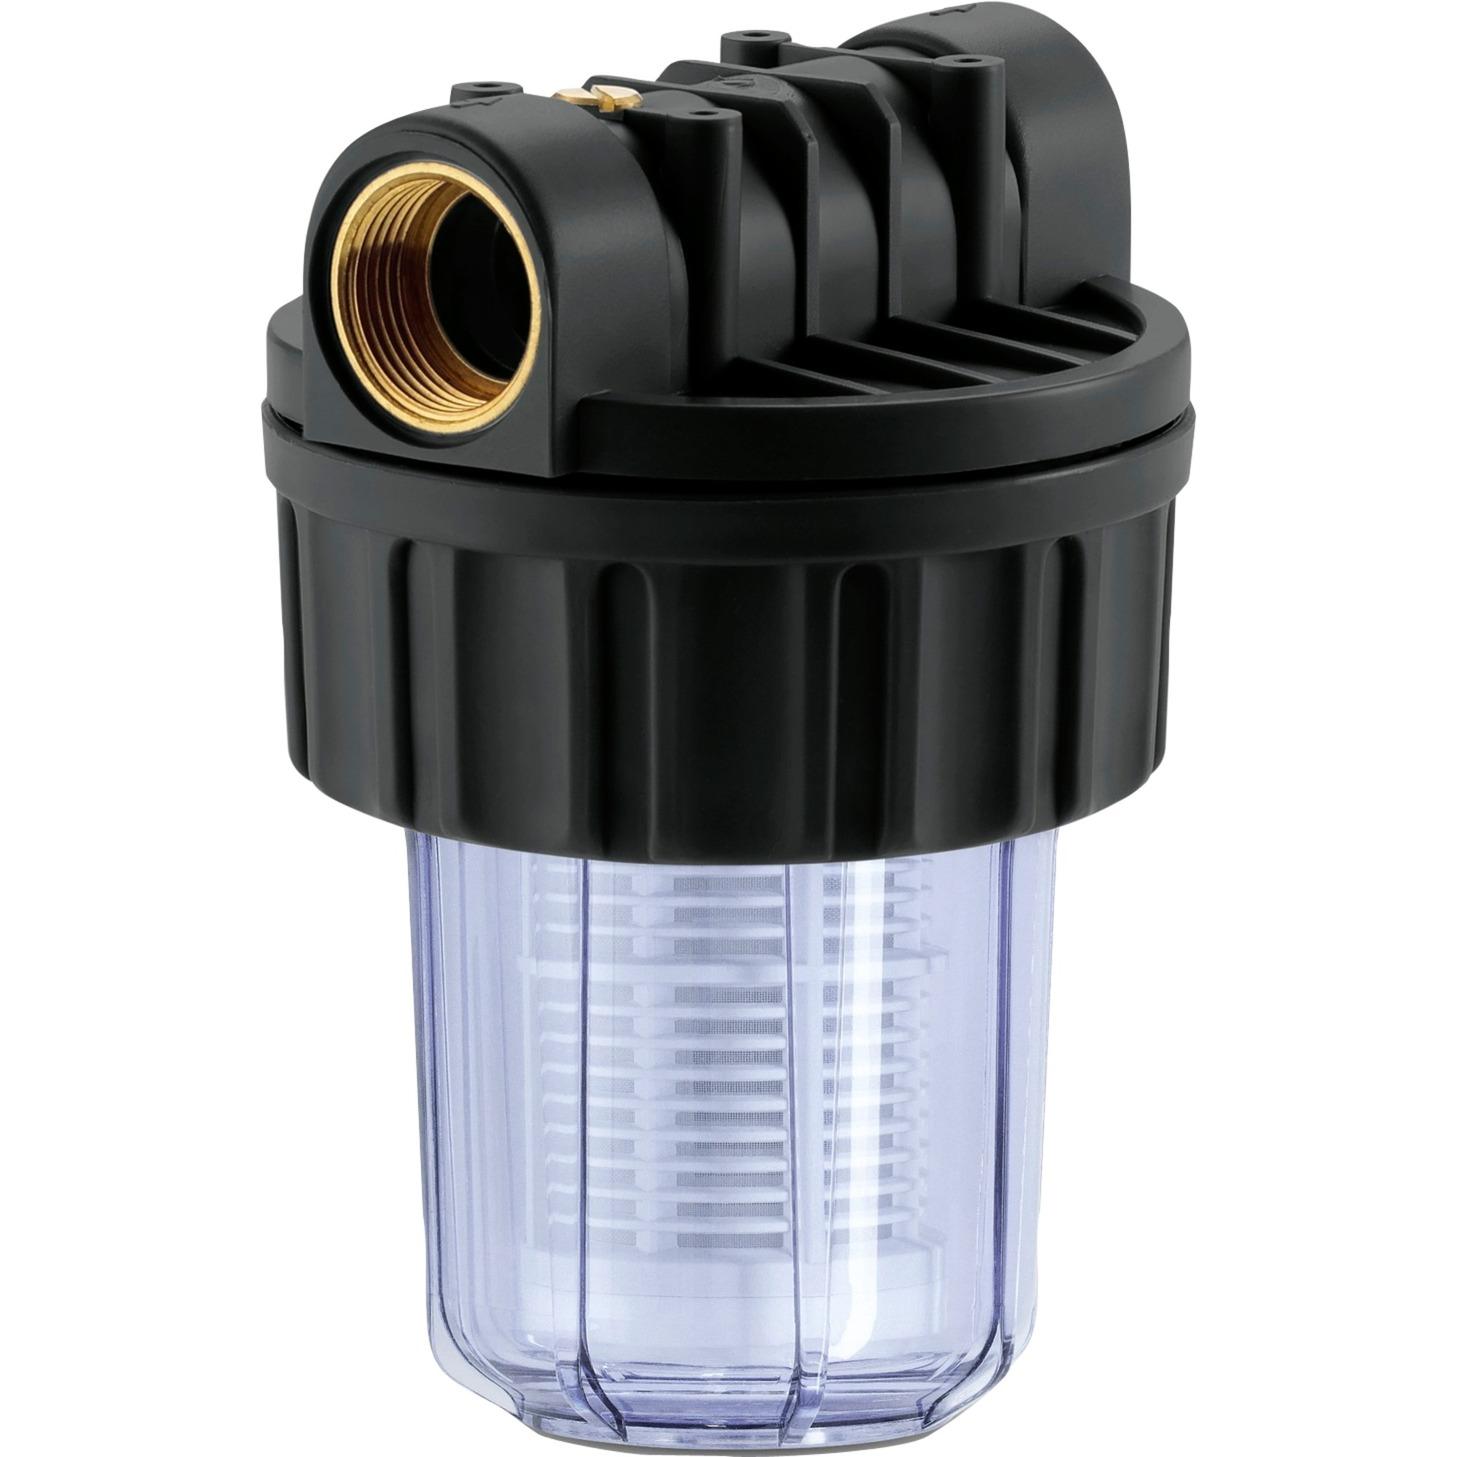 6997-3430-tilbehor-til-vandpumpe-filter